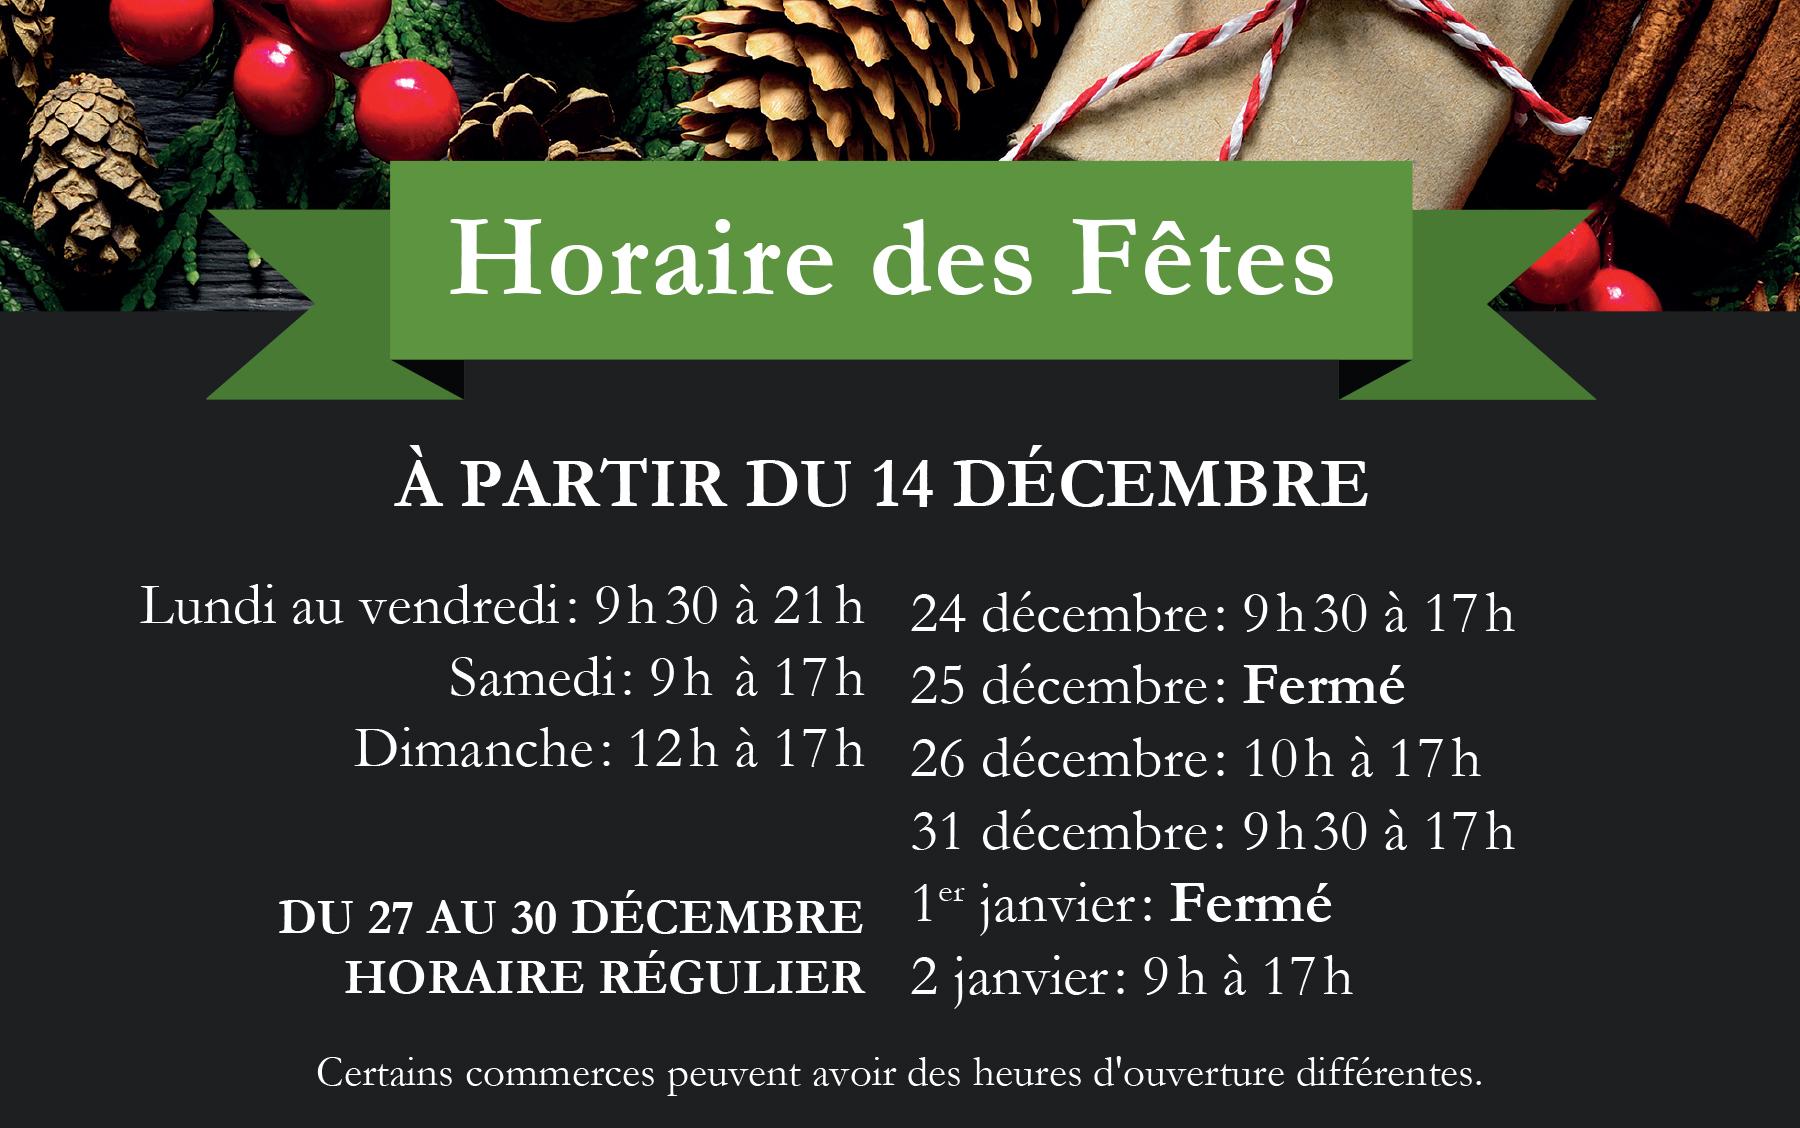 GaleriesTemis_HorairedesFetes_web-1